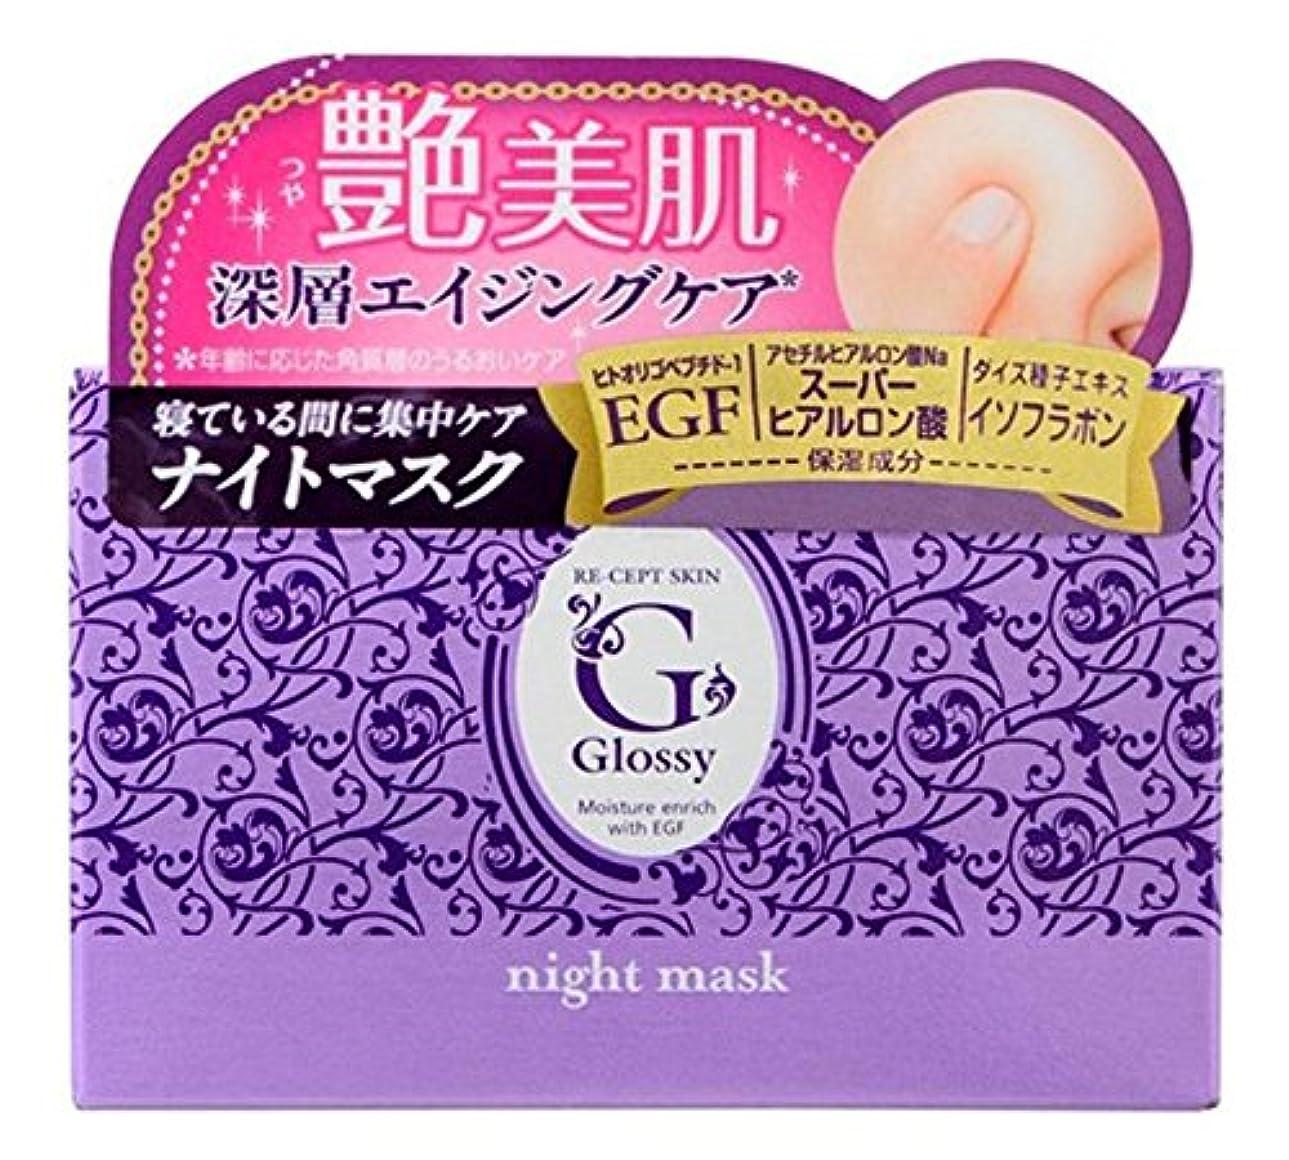 スラックブランクいたずら日本ゼトック リセプトスキン グロッシー ナイトマスク <クリーム状マスク> 90g